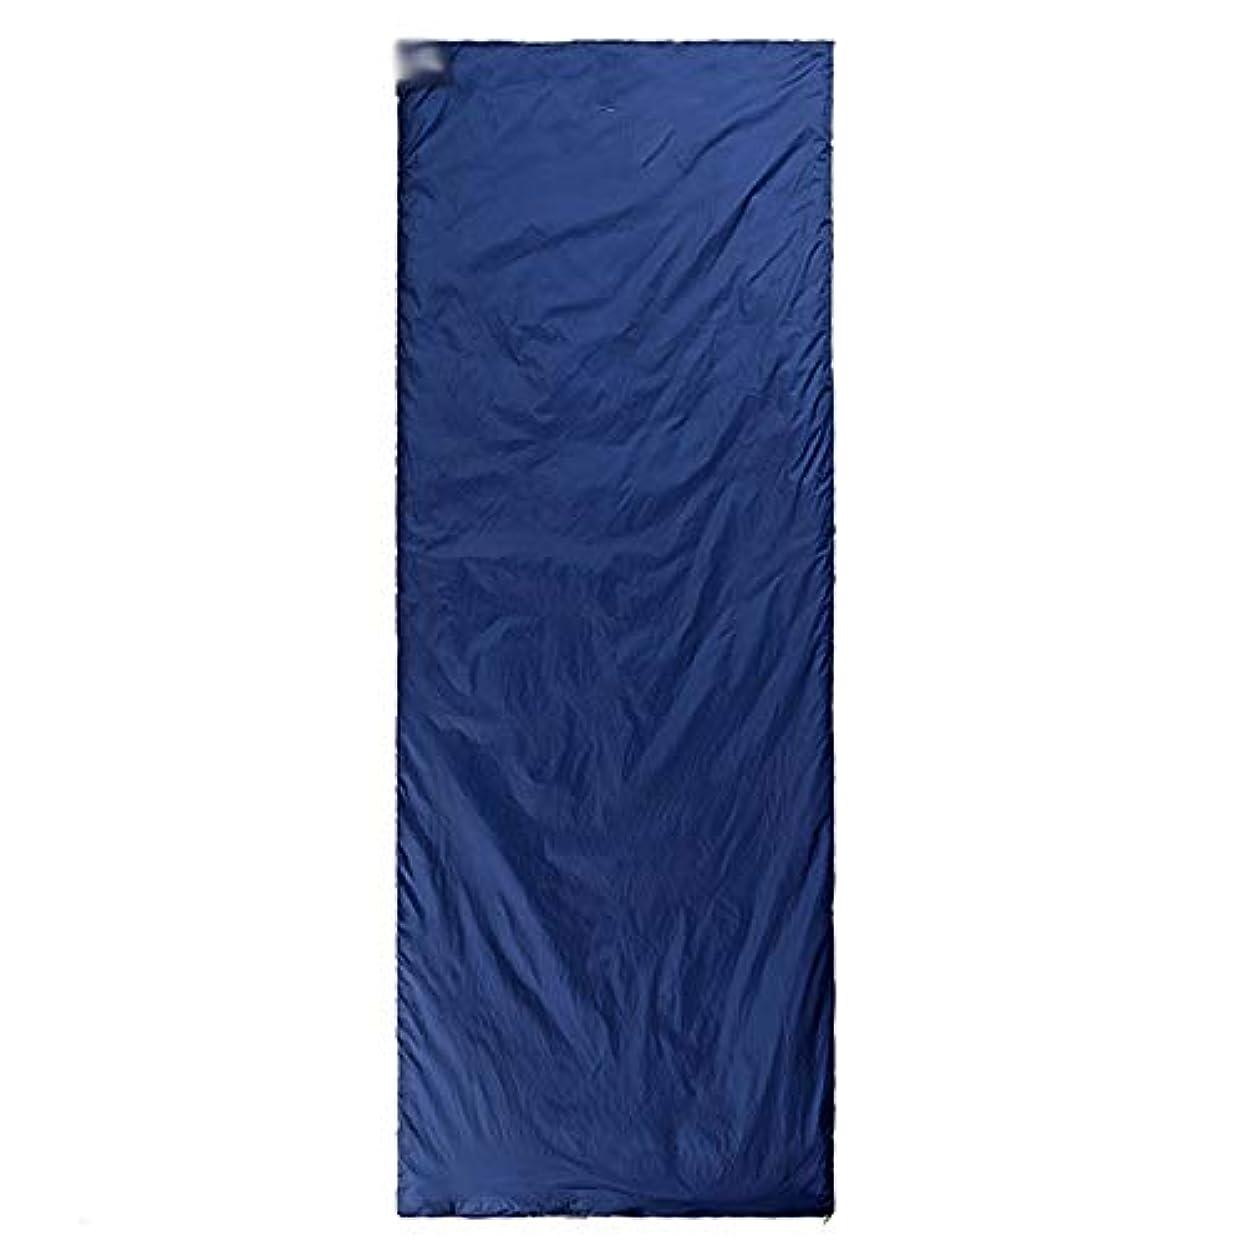 ゾーンオーロックくしゃくしゃDjyyh 寝袋大人の四季キャンプミニ超軽量通気性の快適な寝袋 (Color : Dark blue)